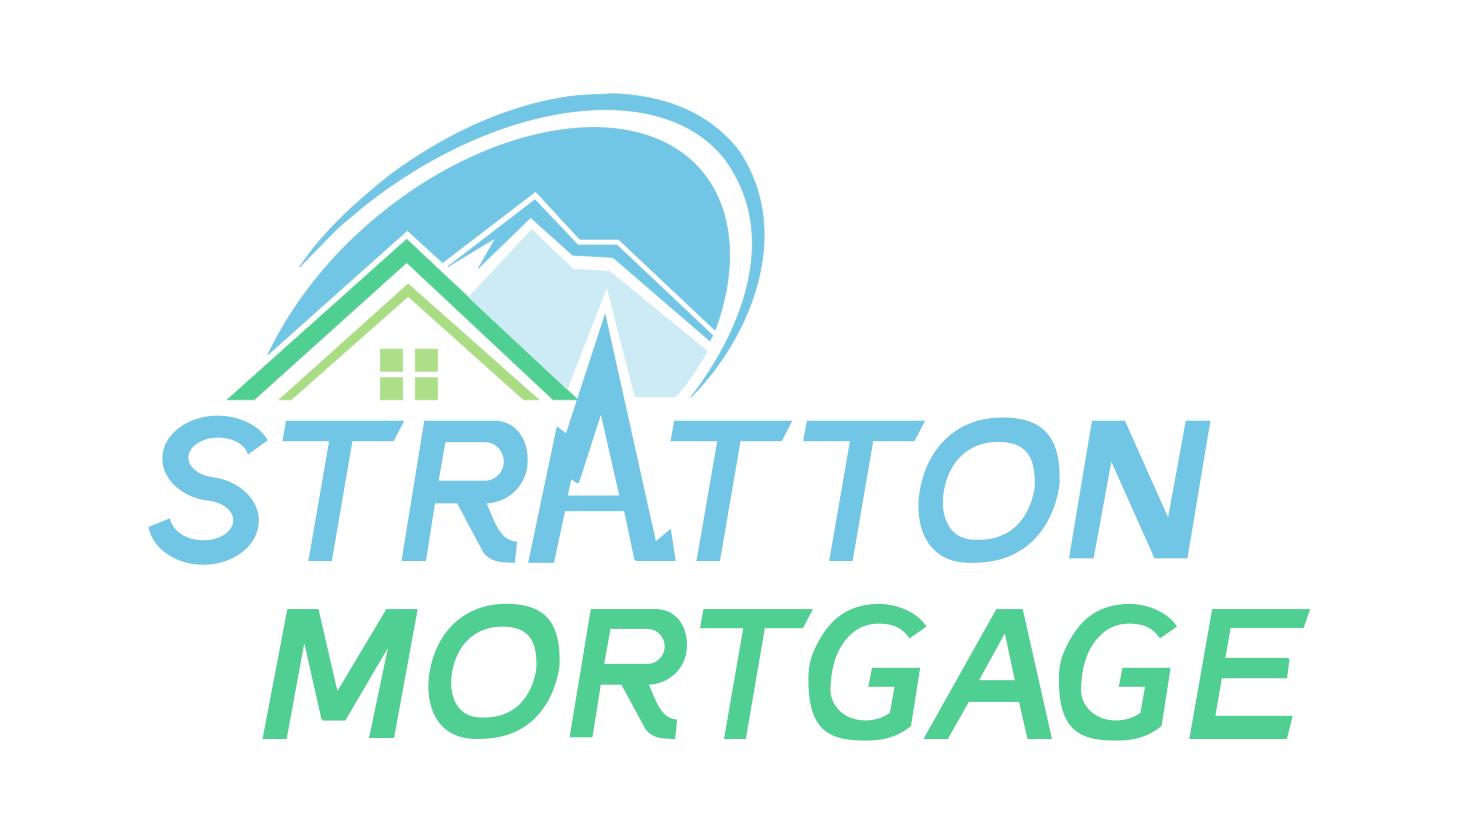 Stratton Mortgage, LLC